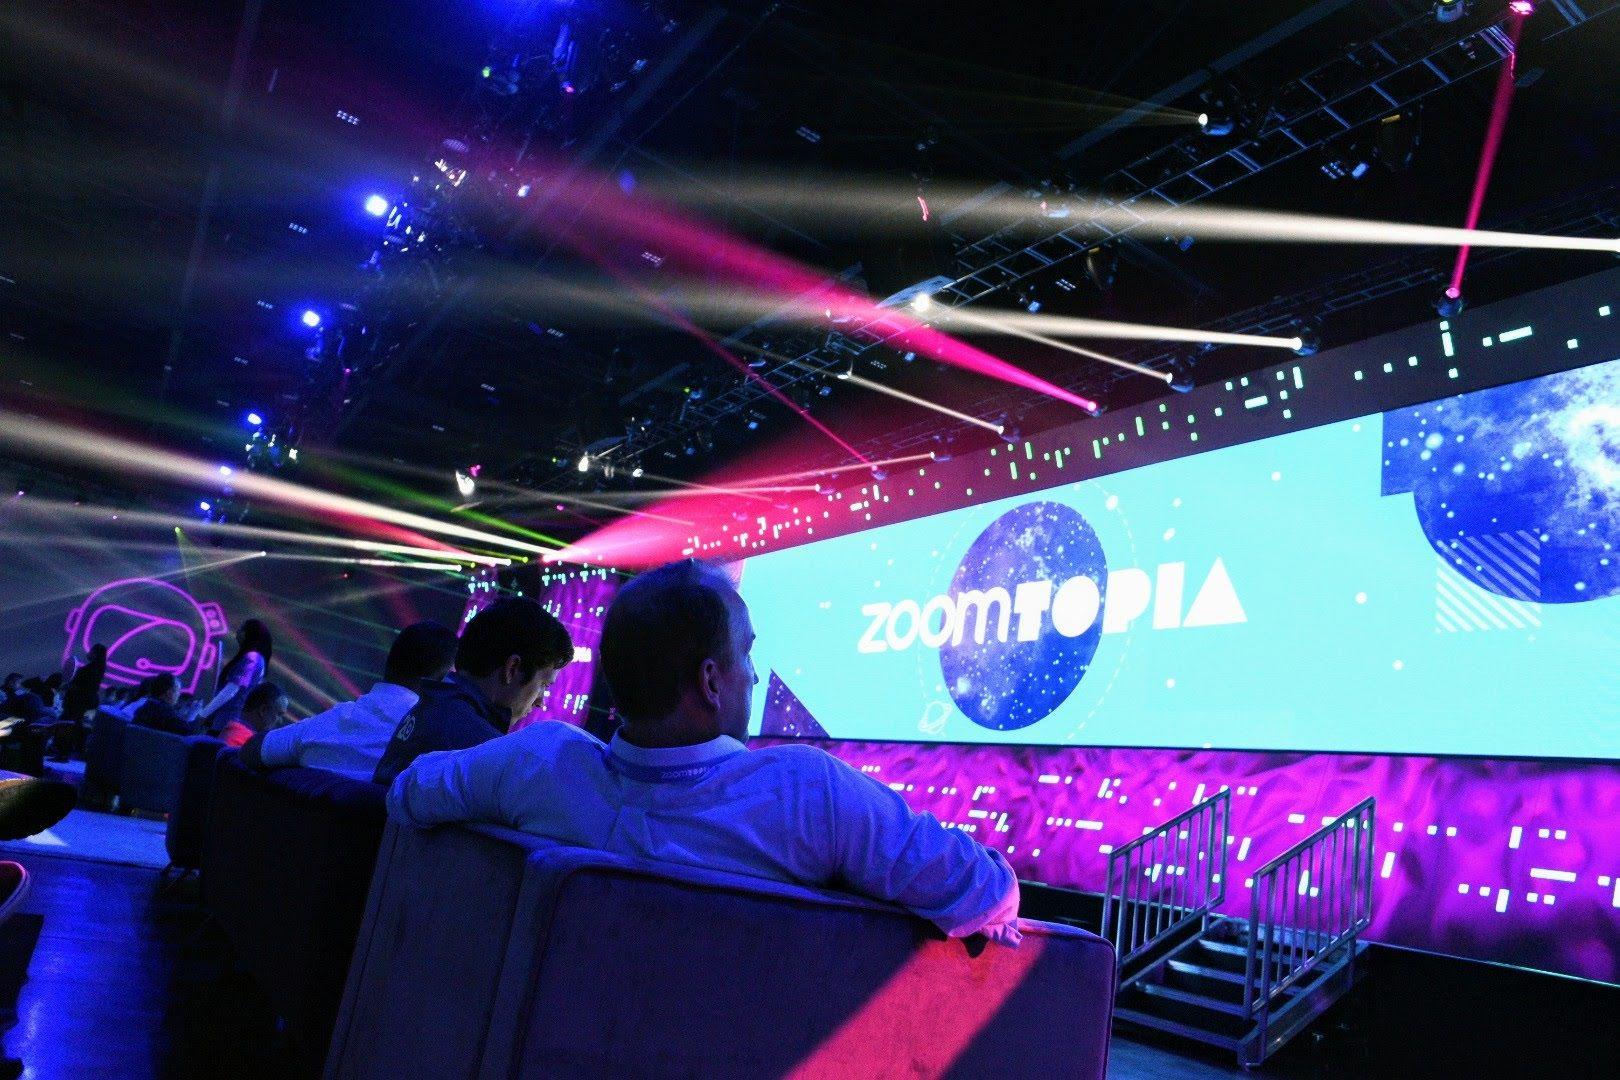 Zoomtopia 2019 Day 2